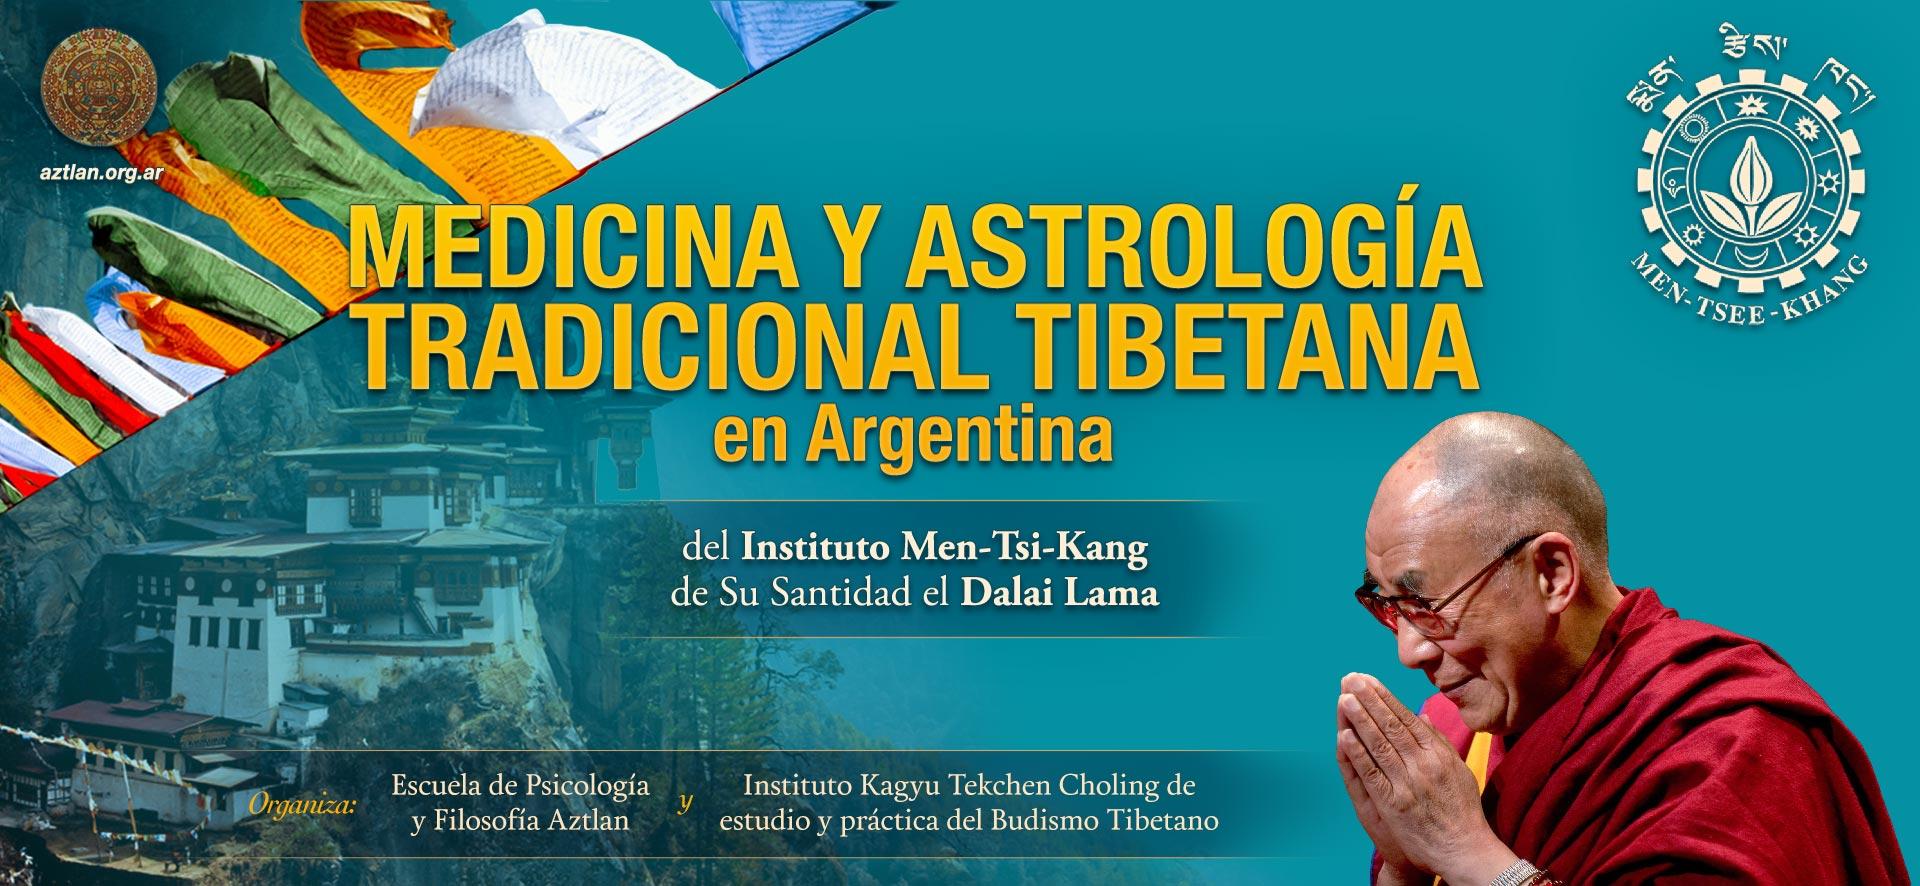 Medicina y Astrología tradicional tibetana en Argentina del Instituto Men-Tsi-Kang de Su Santidad el DalaiLama.